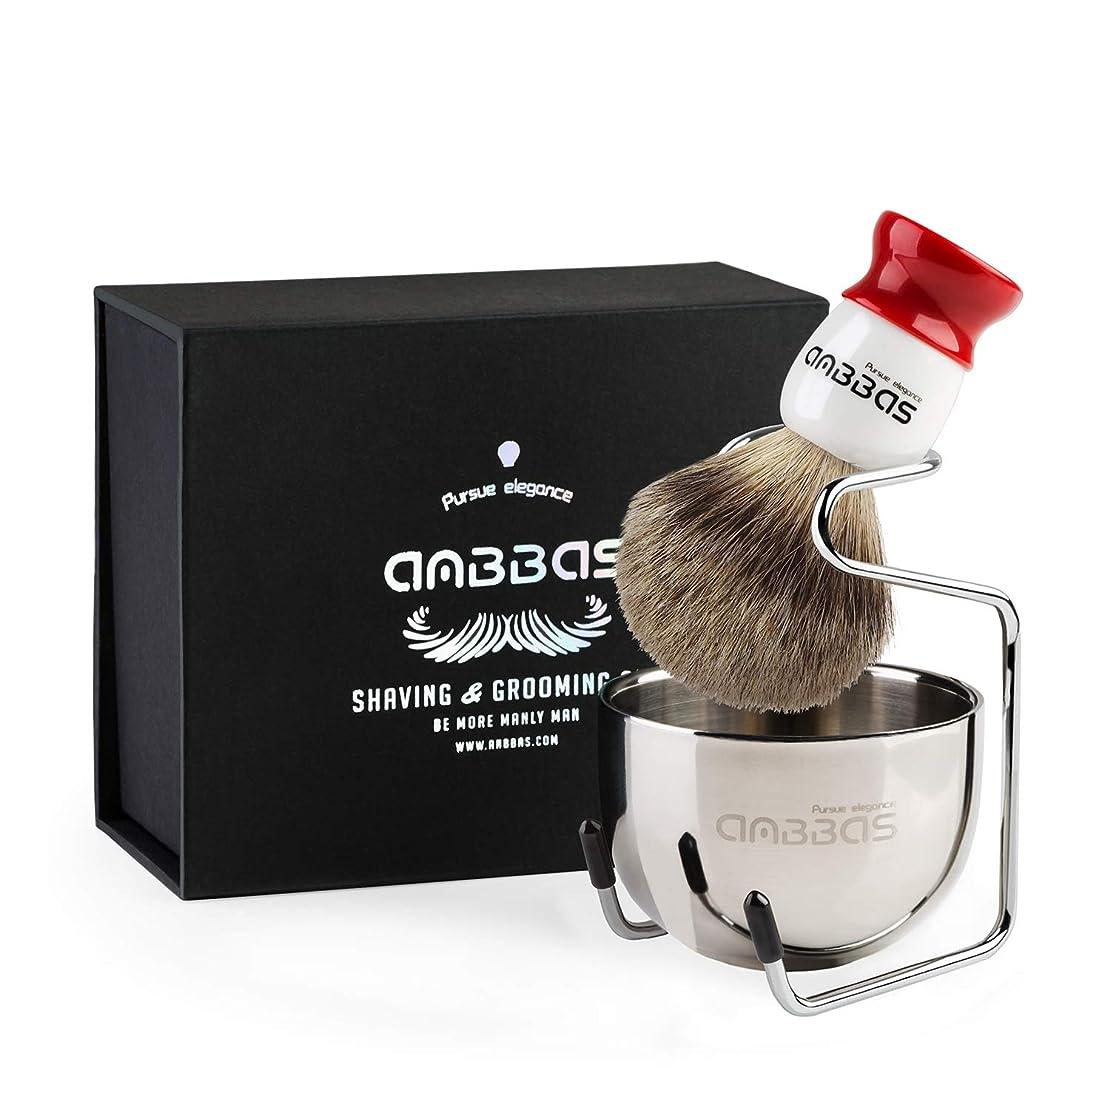 上に診断する包帯ひげブラシ Anbbasシェービングブラシ 純粋なバッガーヘア 髭剃り 泡立ち 洗顔ブラシ メンズ (3点セット)